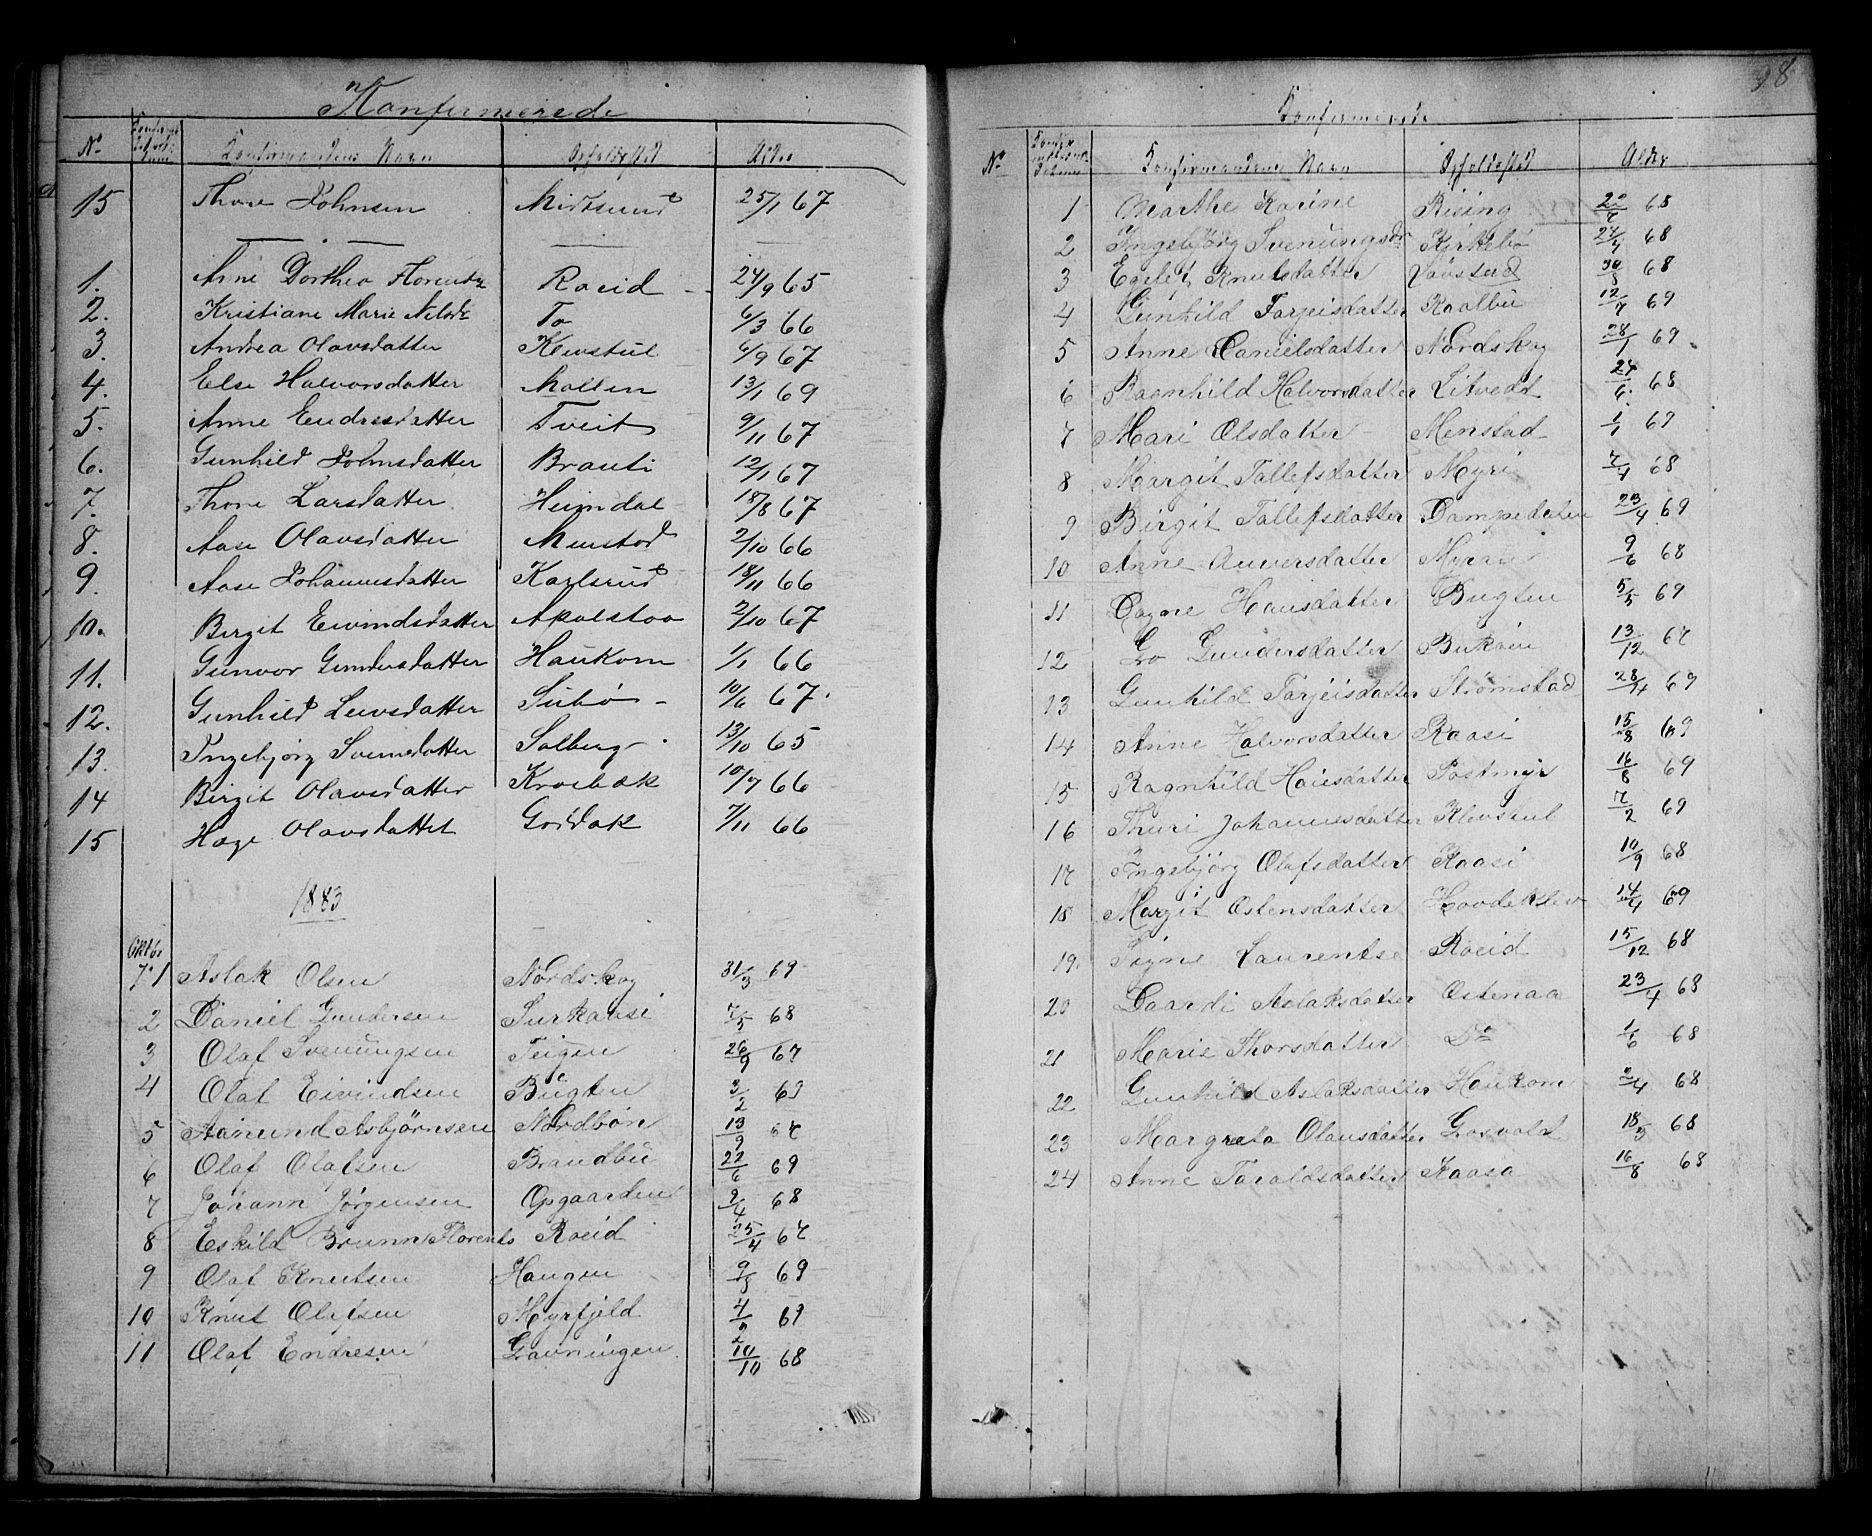 SAKO, Kviteseid kirkebøker, G/Ga/L0001: Klokkerbok nr. I 1, 1850-1893, s. 98